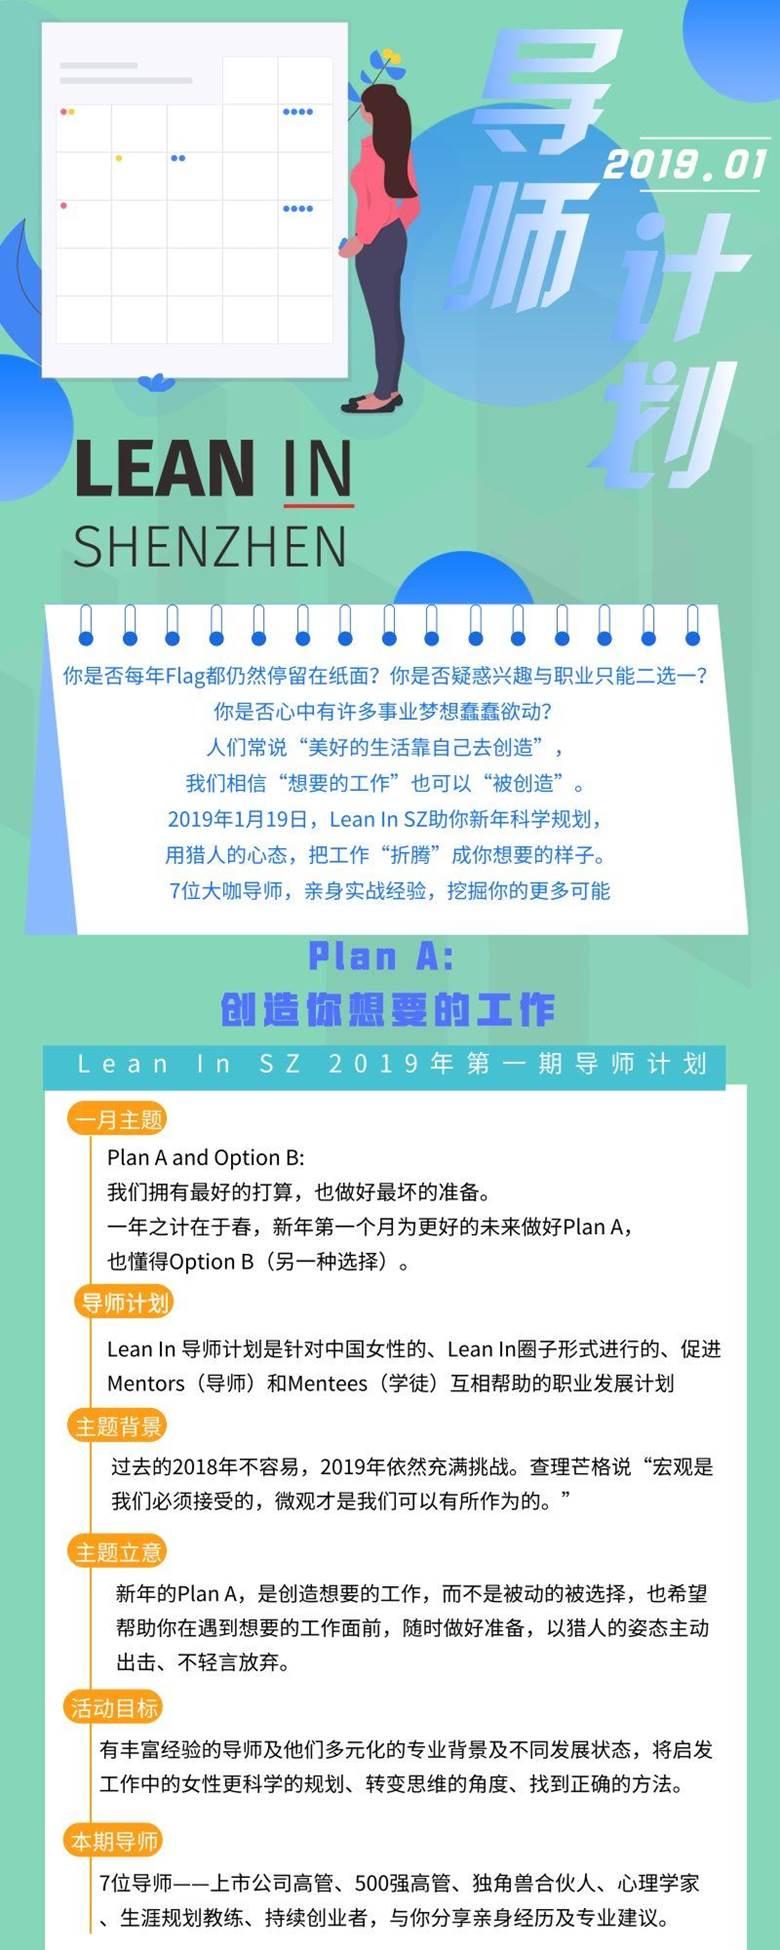 201901导师计划_活动行版本_2019.01.10.png